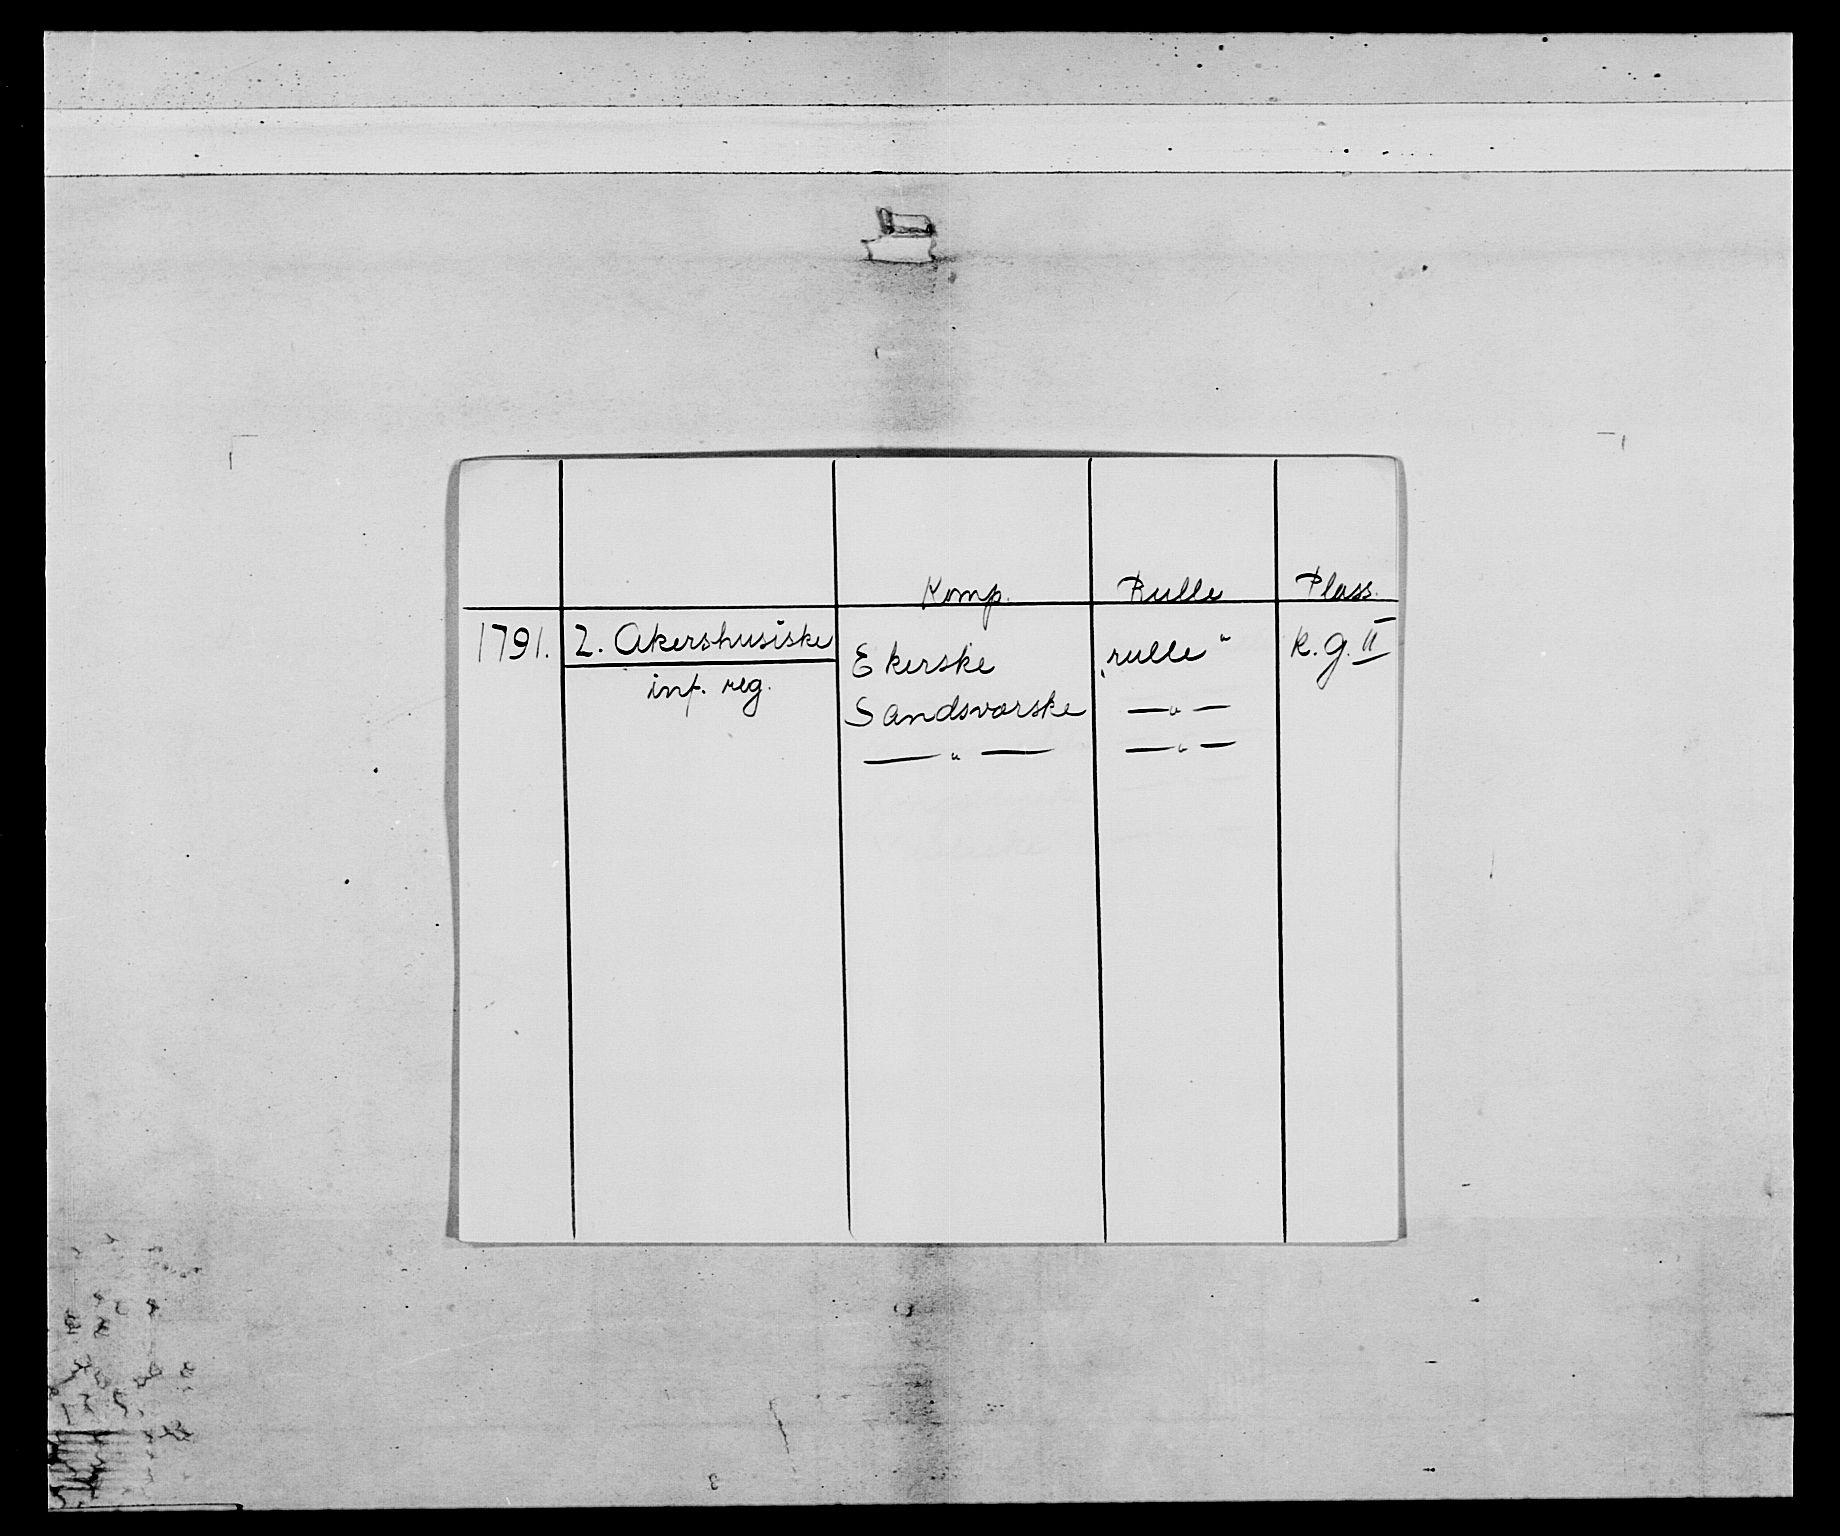 RA, Generalitets- og kommissariatskollegiet, Det kongelige norske kommissariatskollegium, E/Eh/L0047: 2. Akershusiske nasjonale infanteriregiment, 1791-1810, s. 2